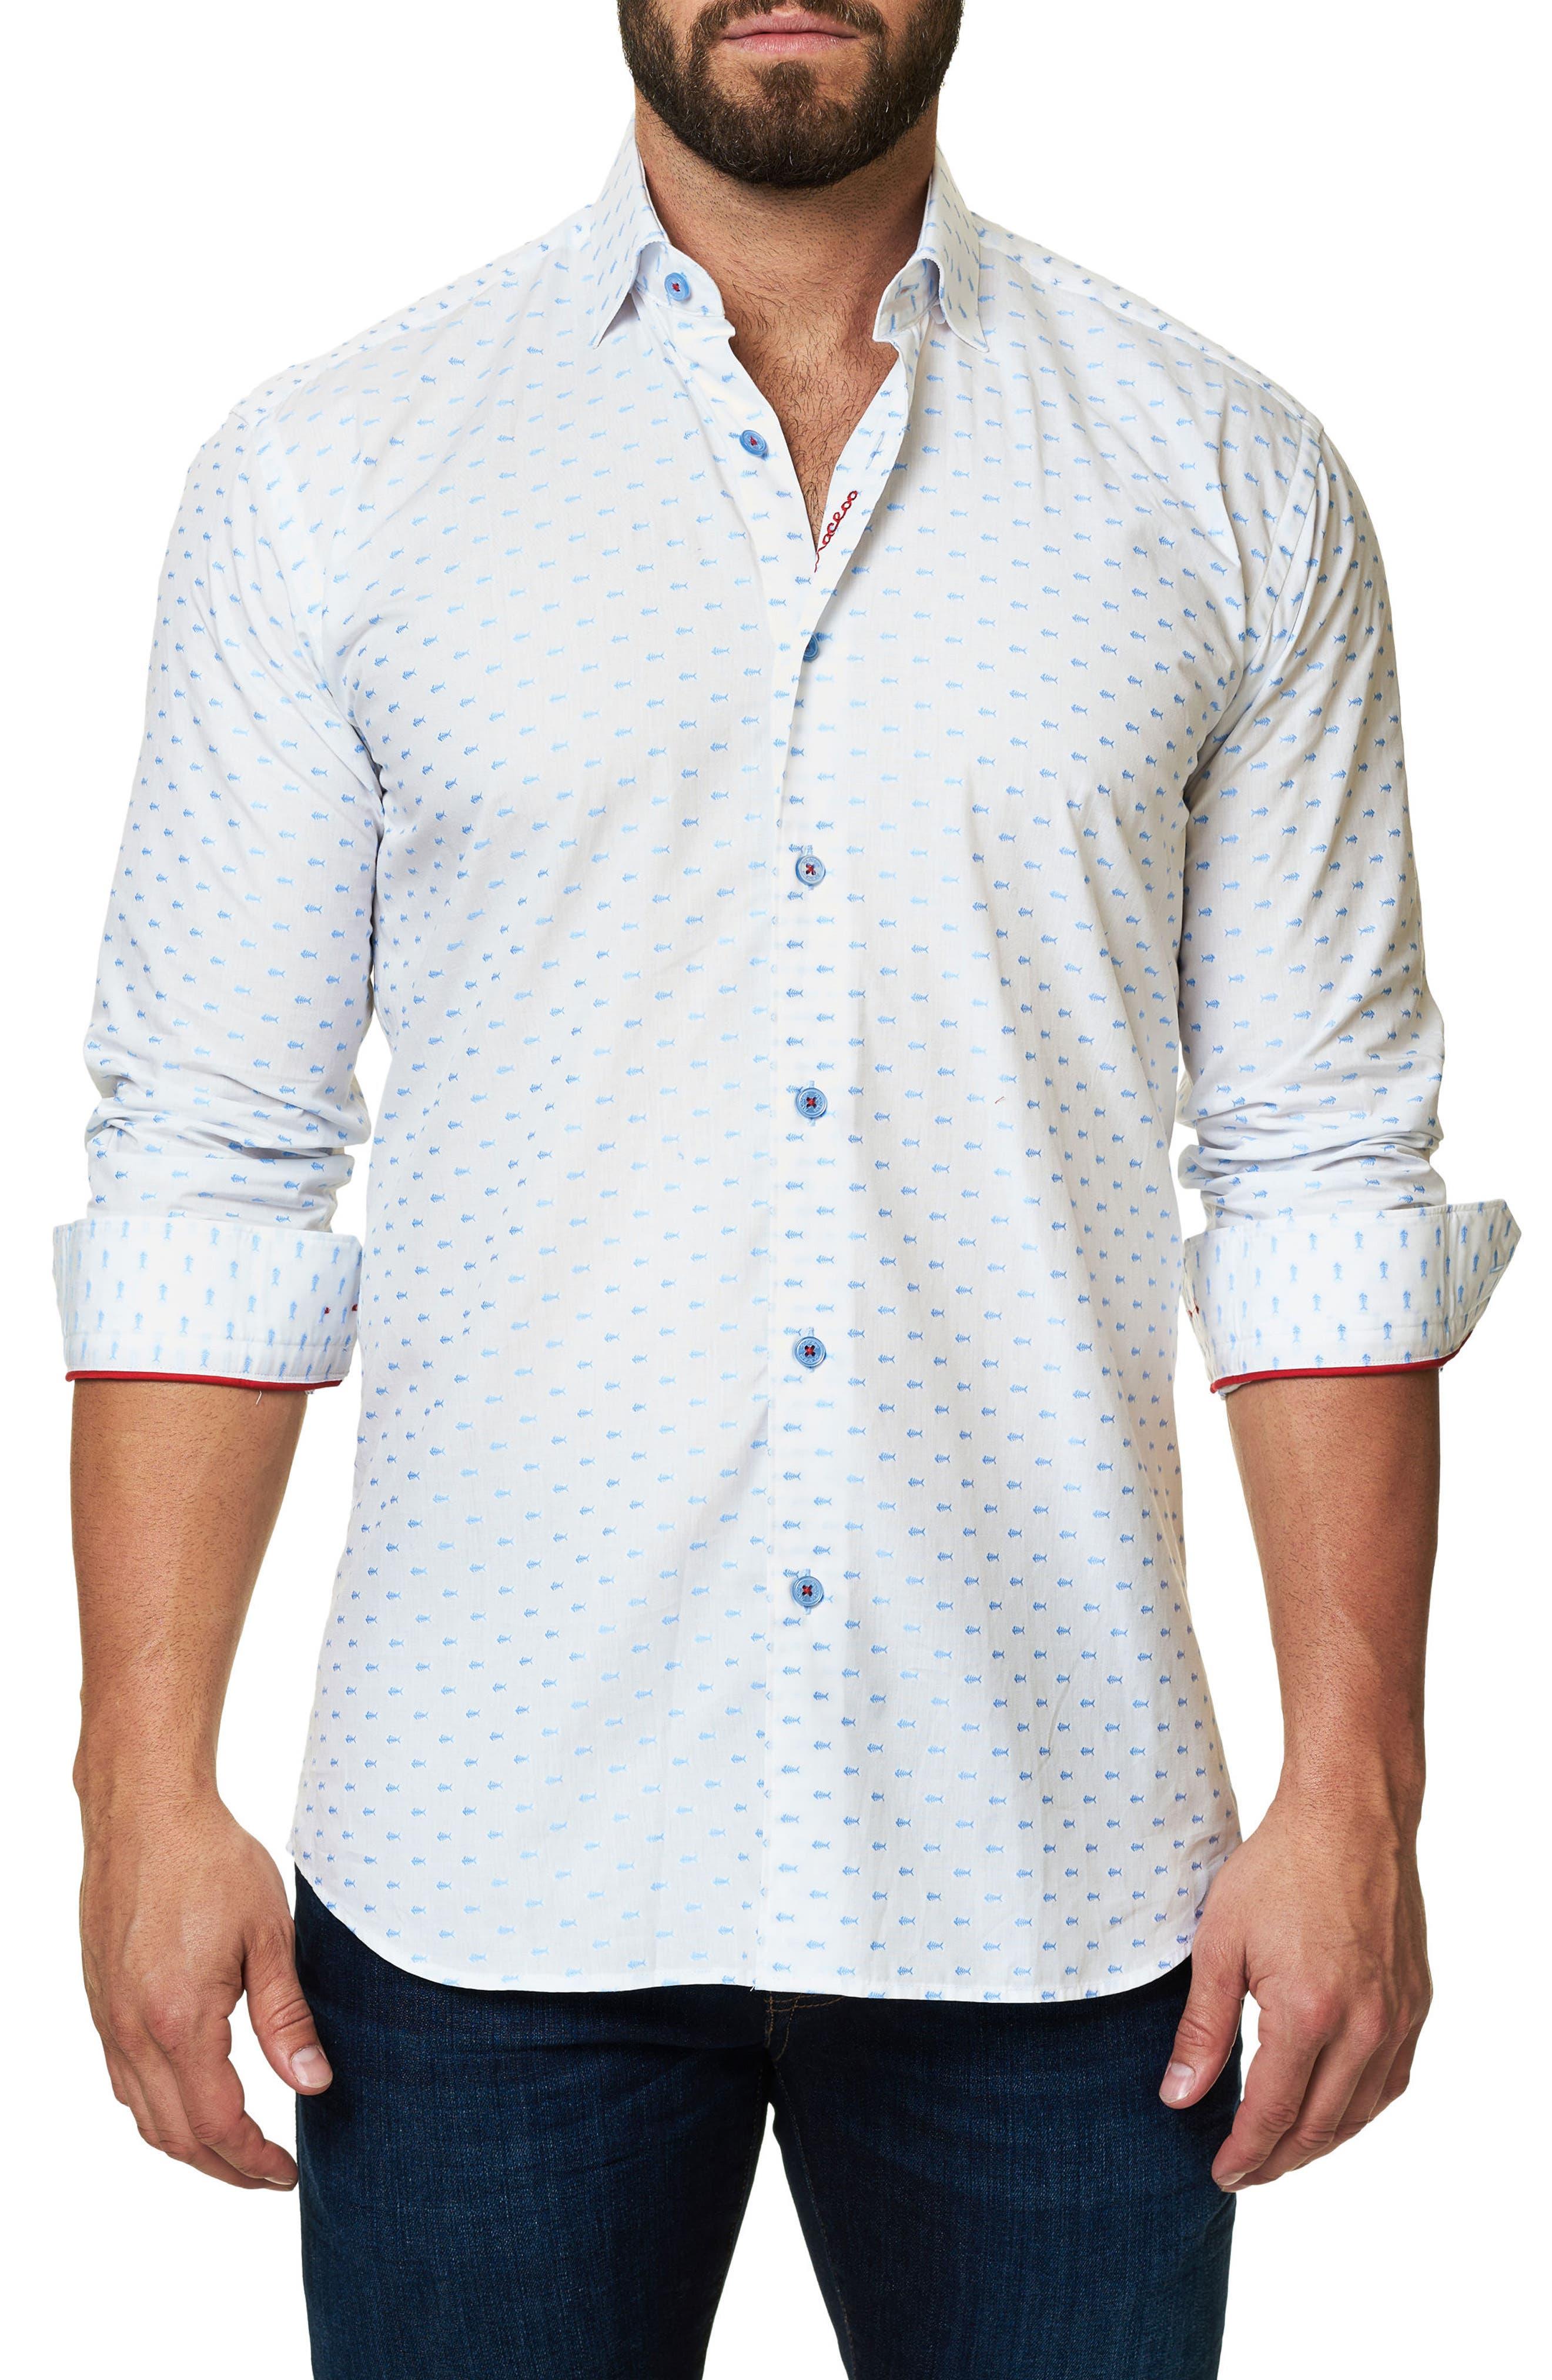 Alternate Image 1 Selected - Maceoo Trim Fit Fish Print Sport Shirt